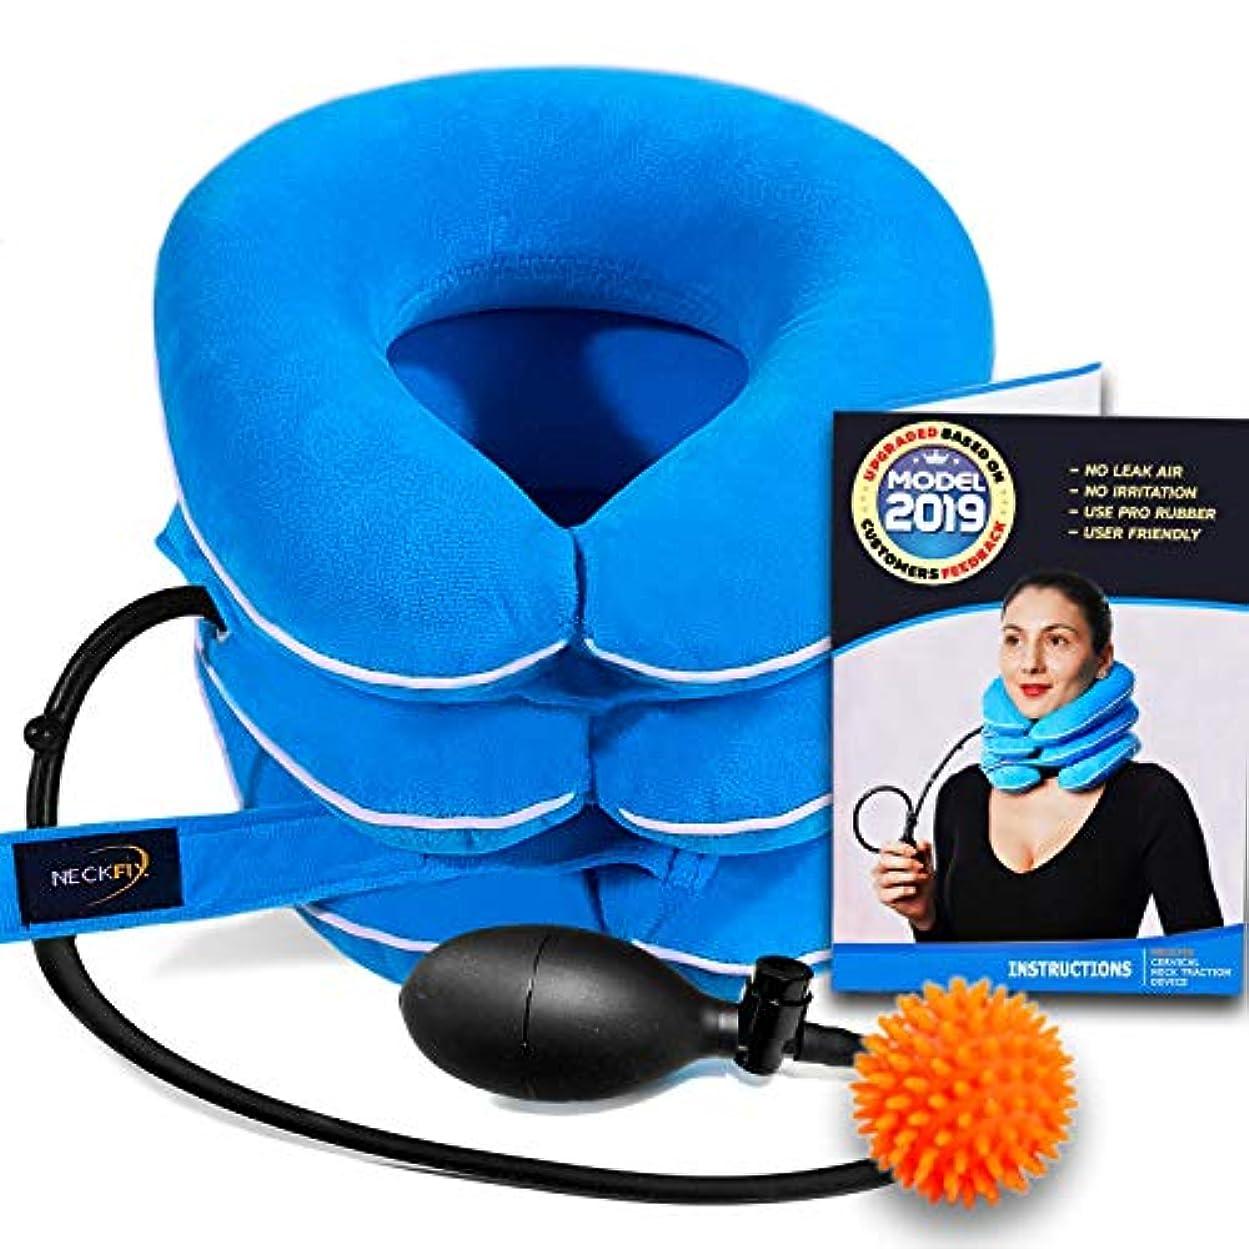 非常に怒っていますトラップペストCervical Neck Traction Device by NeckFix for Instant Neck Pain Relief [FDA Approved] - Adjustable Neck Stretcher...